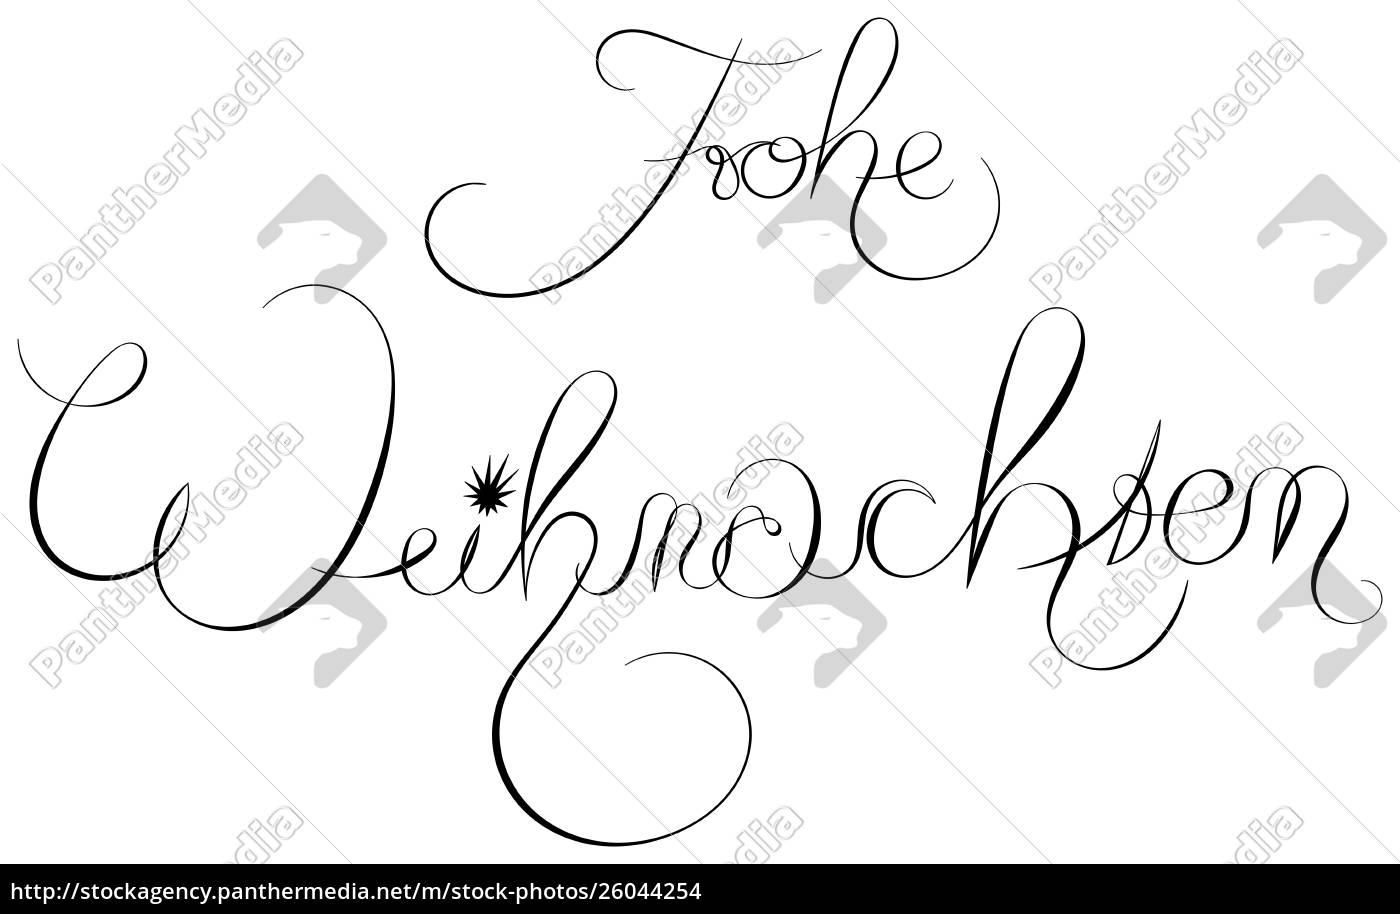 Stockfoto 26044254 Frohe Weihnachten Frohe Weihnachten Auf Deutsch